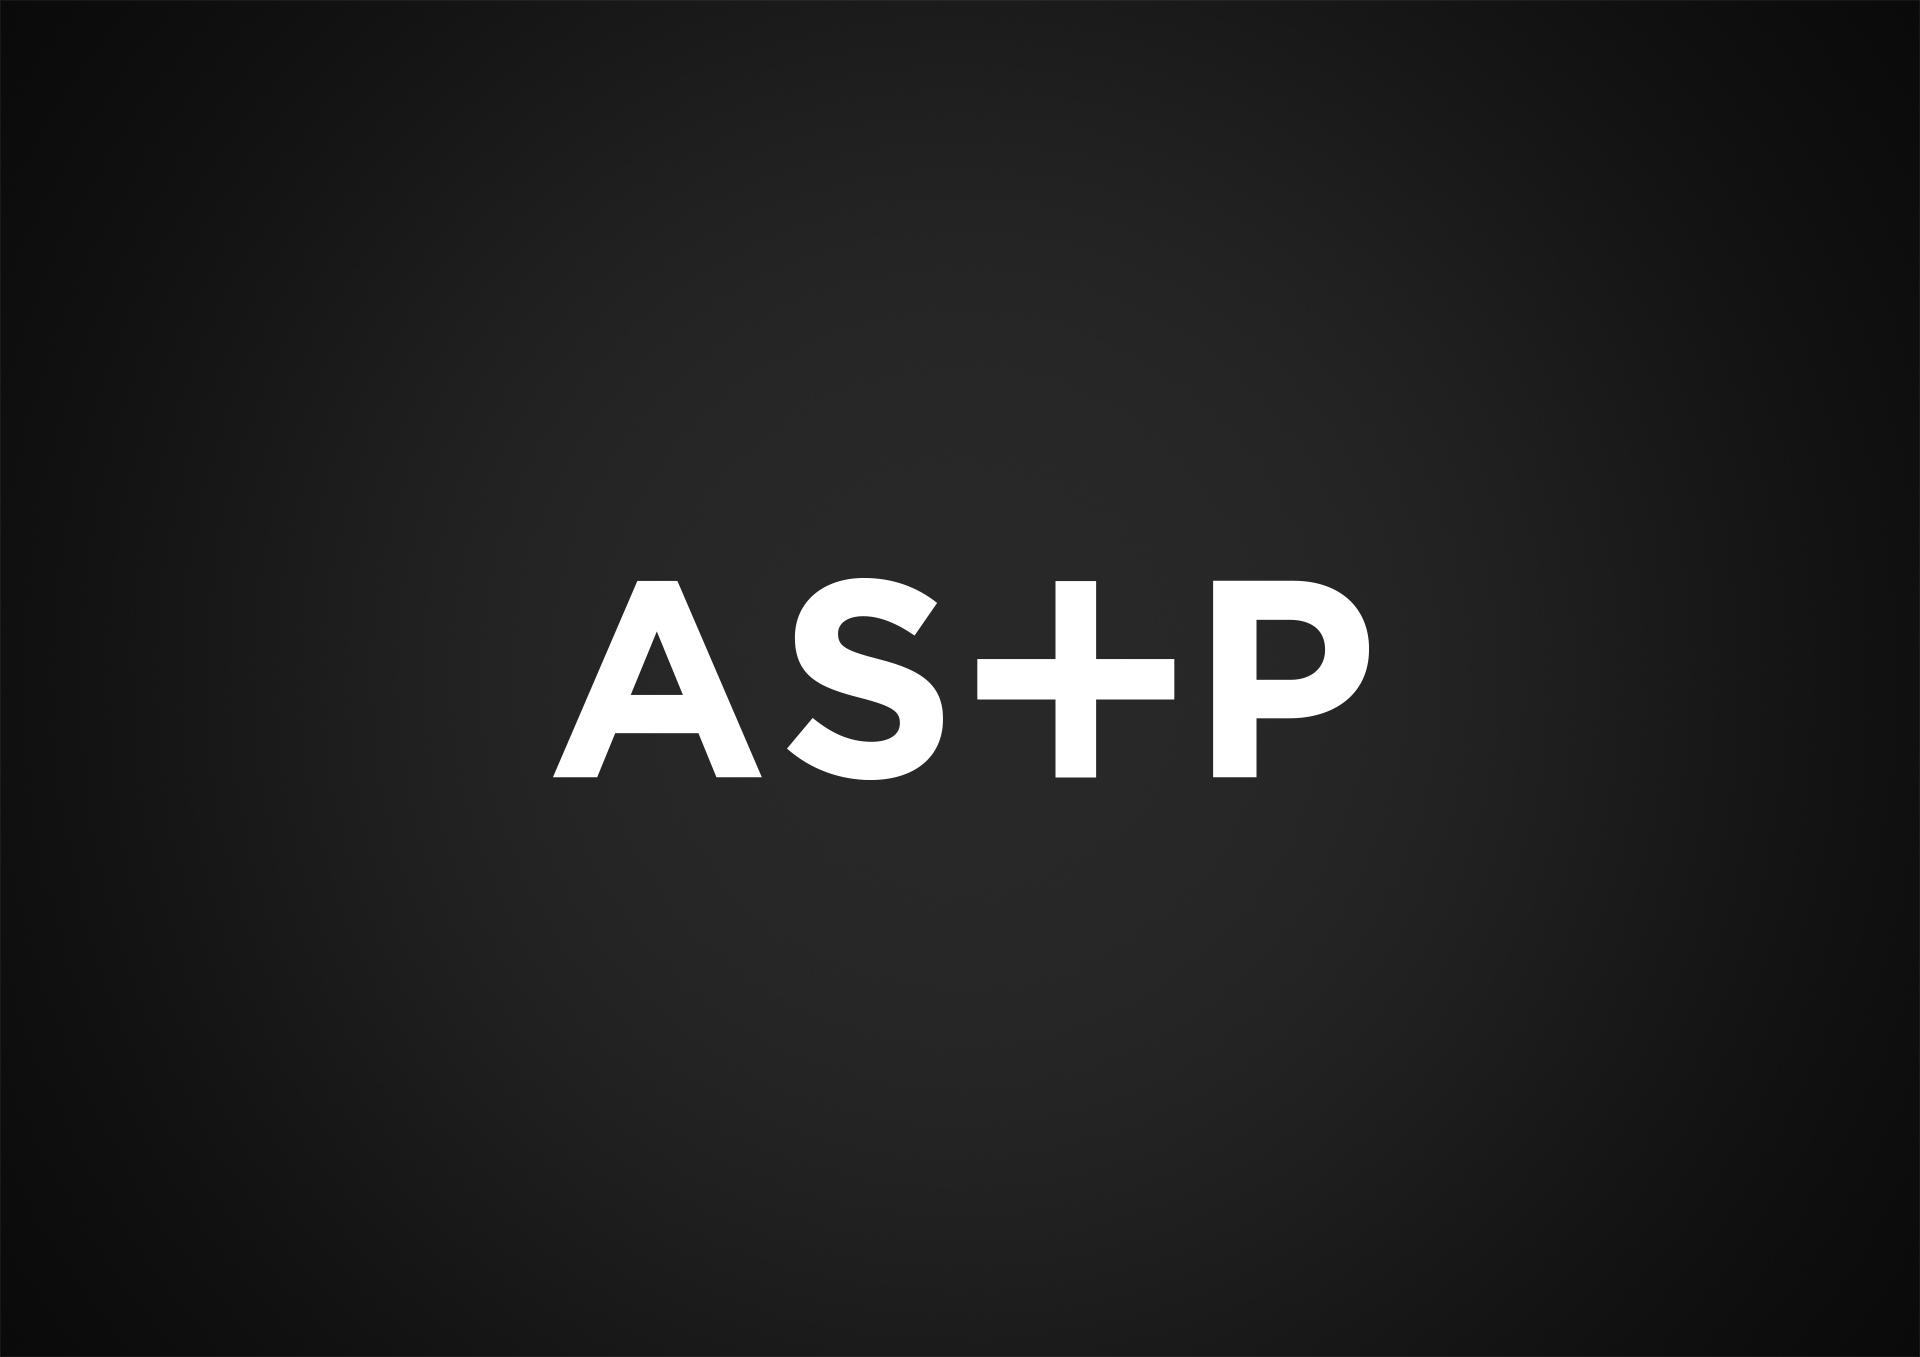 quandel-staudt-design-asp_logo_02